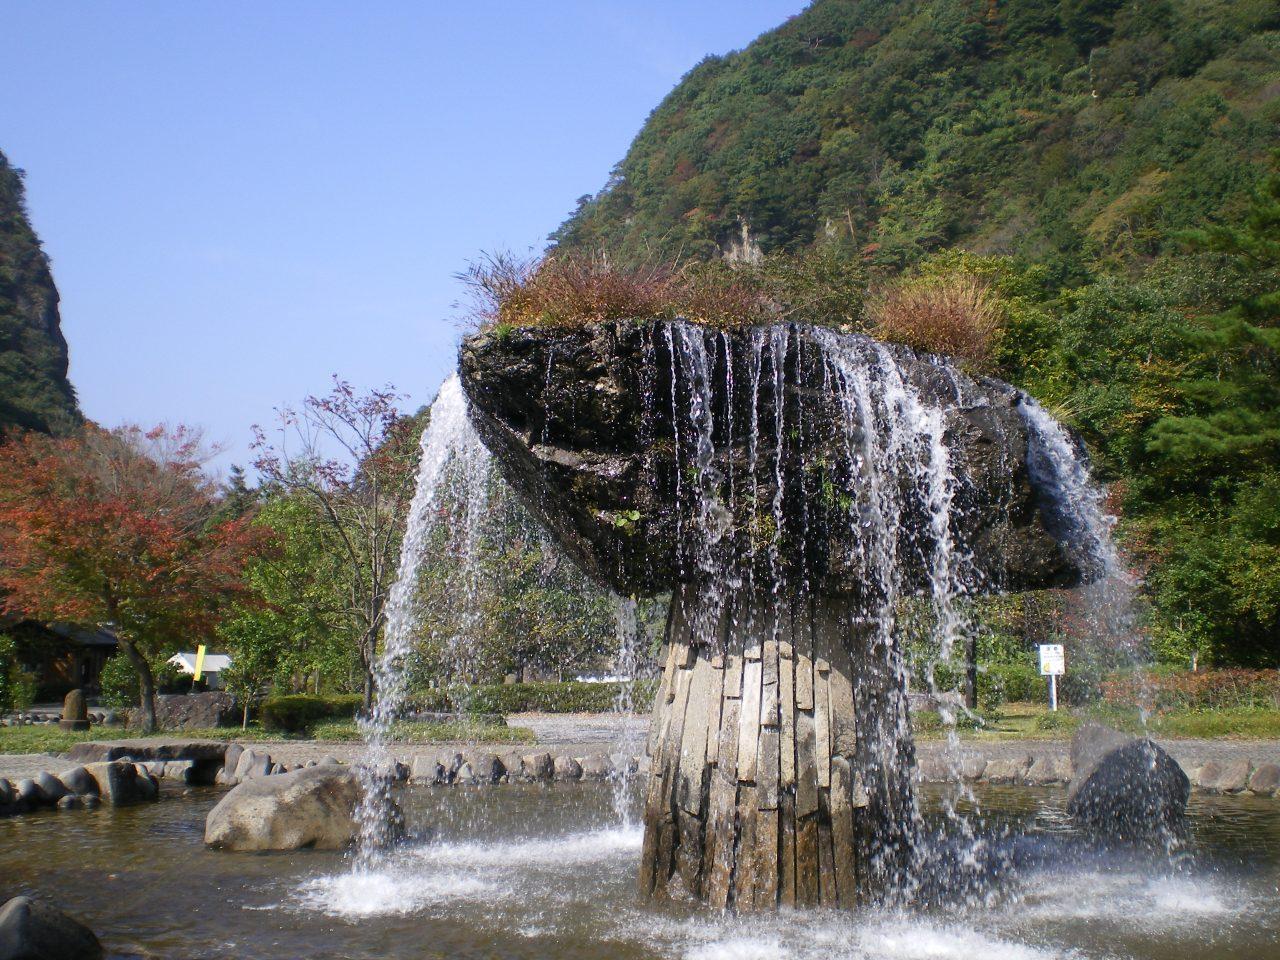 【사이모쿠이와공원(材木岩公園)】 나라의 천연기념물인 「자이모쿠이와(材木岩)」의 조형미를 간접적으로 느낄 수 있는「물과 돌의 대화의 공원(水と石との語らいの公園)」